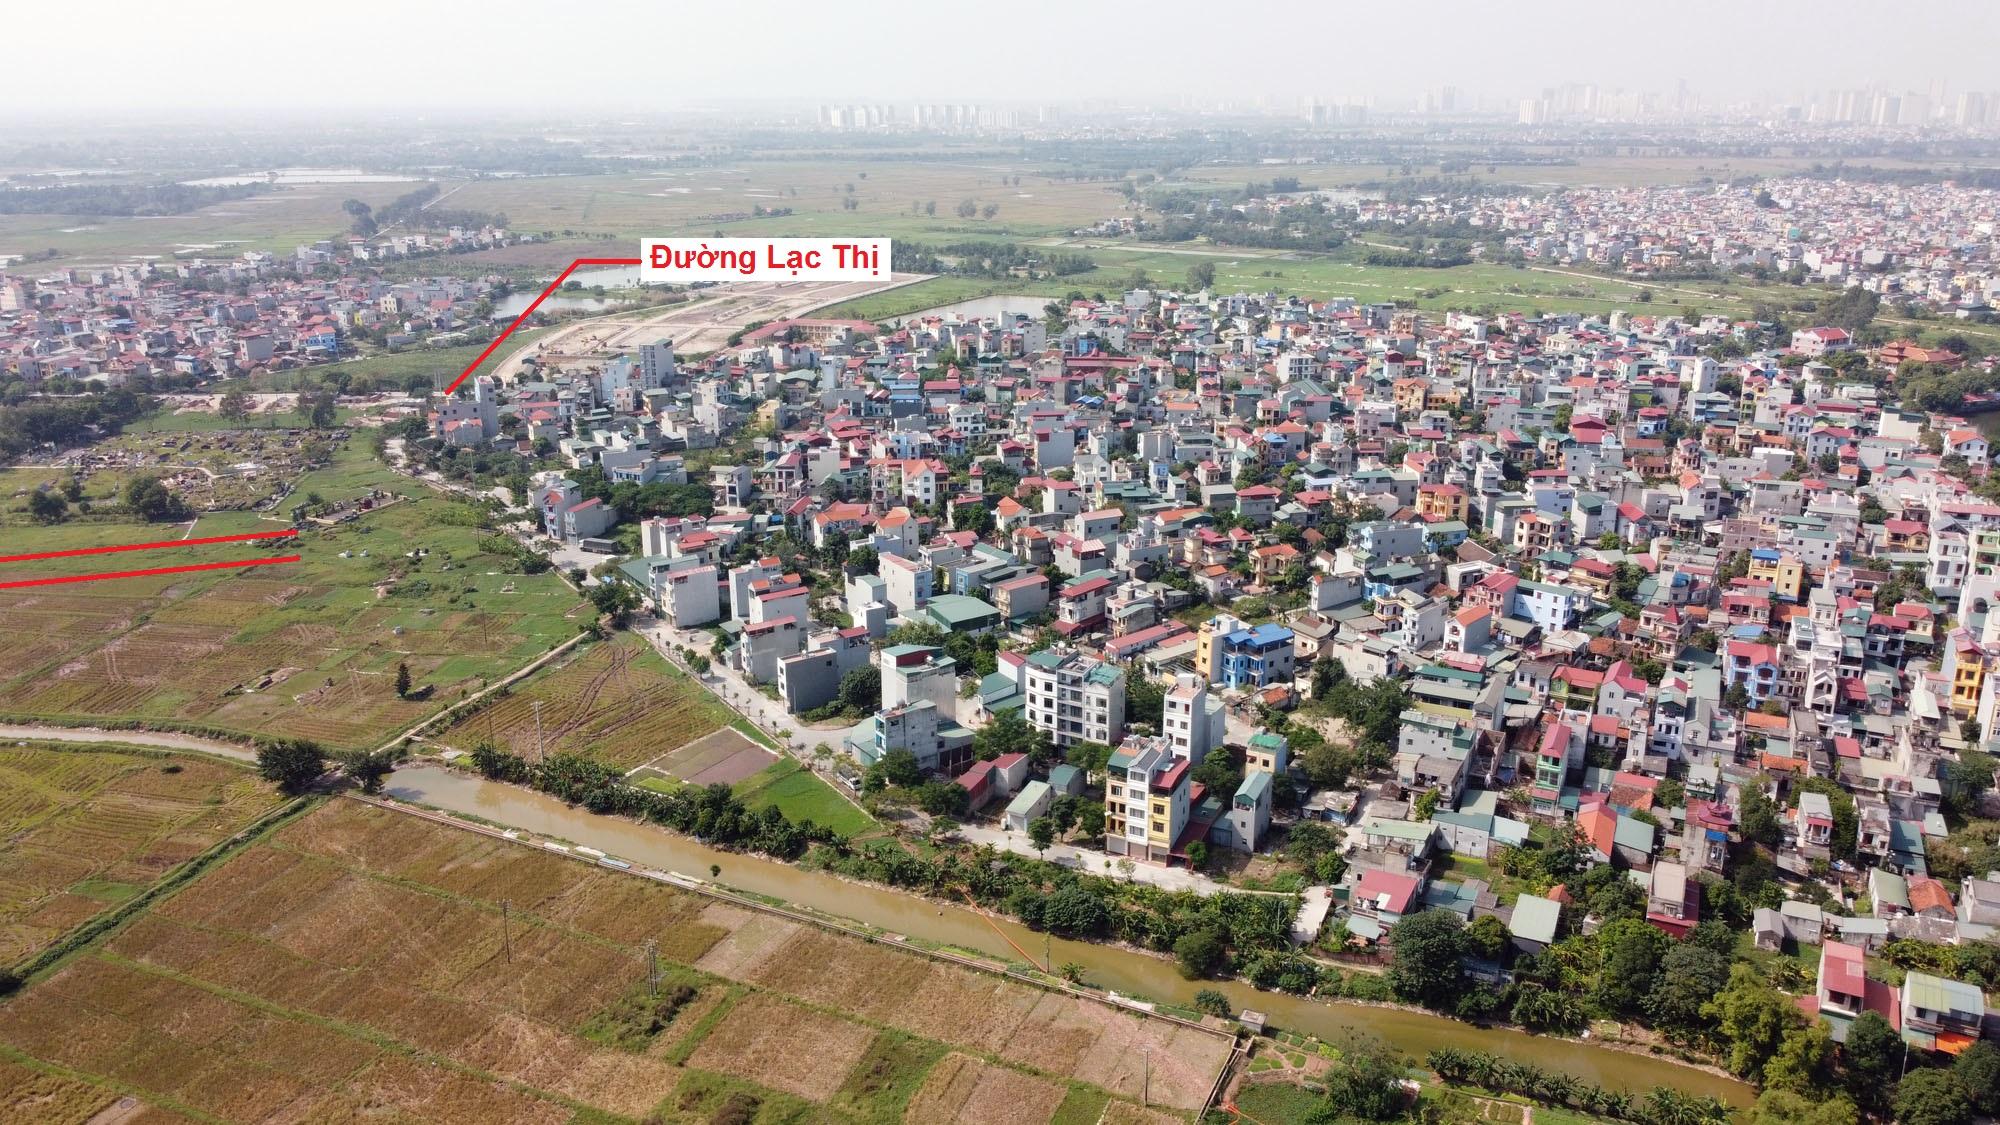 Ba đường sẽ mở theo quy hoạch ở xã Ngọc Hồi, Thanh Trì, Hà Nội - Ảnh 7.